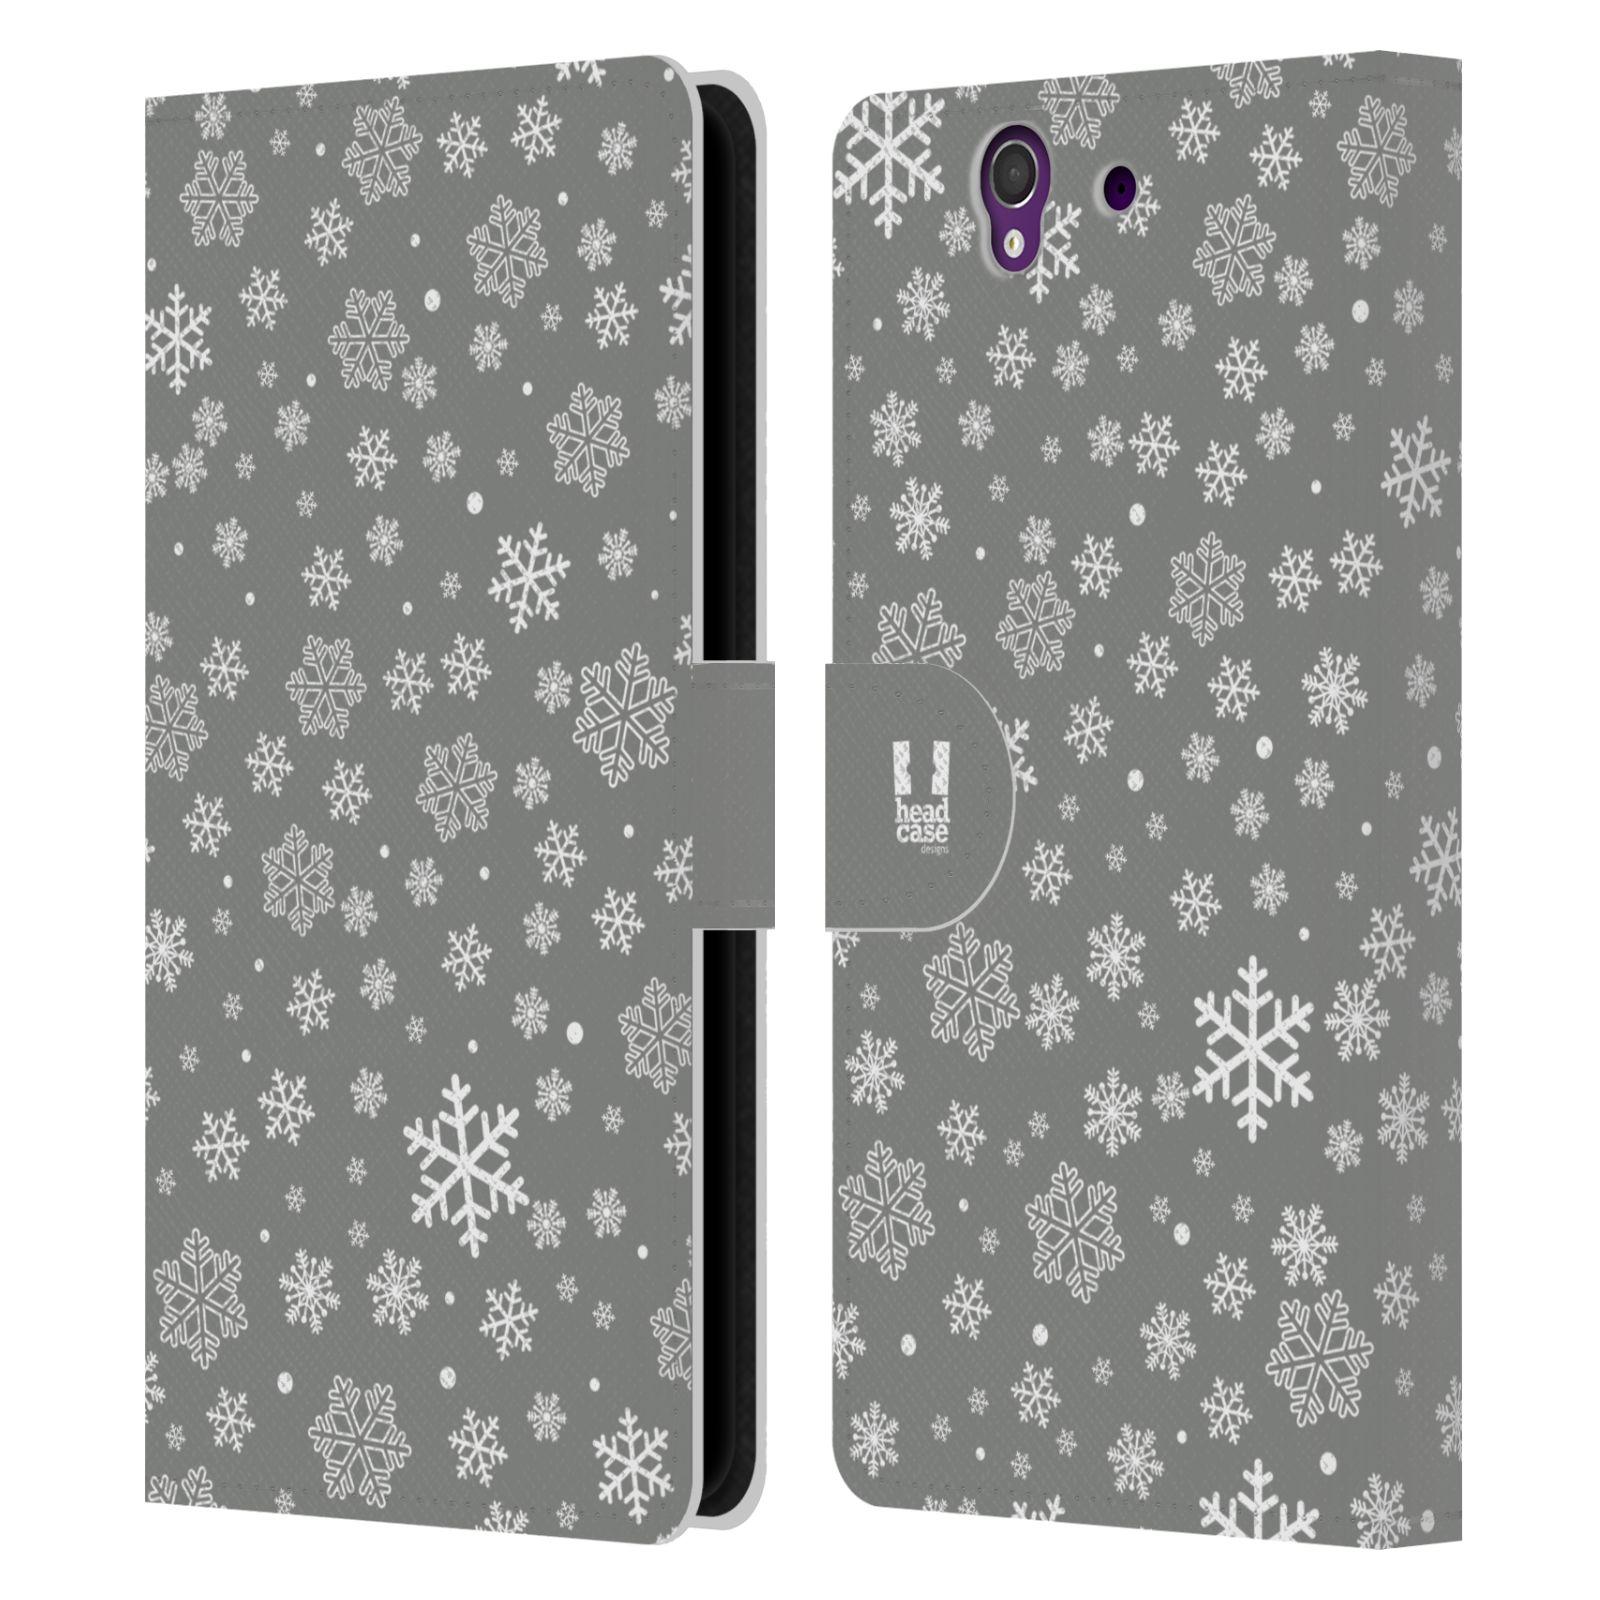 HEAD CASE Flipové pouzdro pro mobil SONY XPERIA Z (C6603) stříbrné vzory sněžná vločka